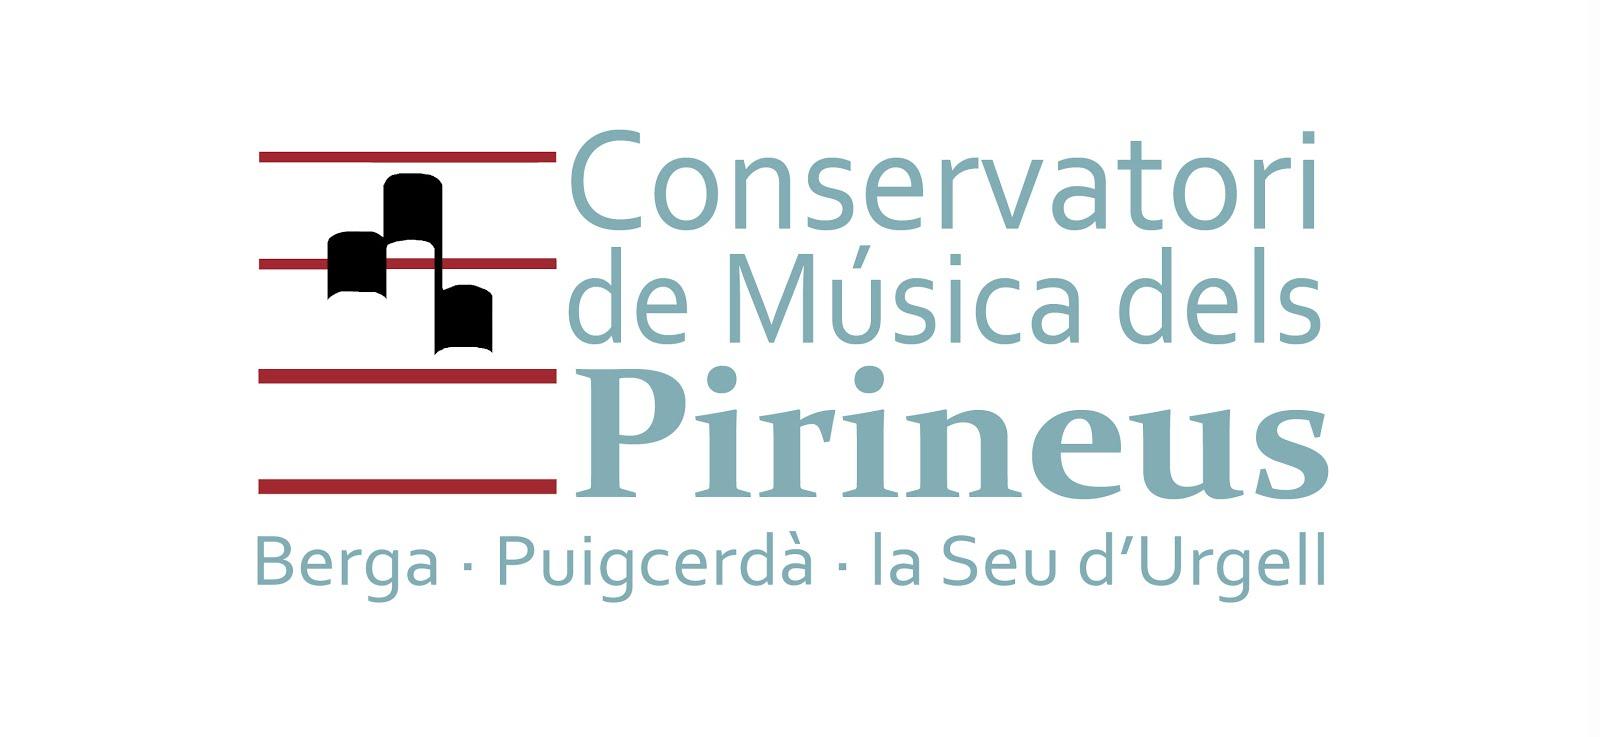 Conservatori de música dels Pirineus